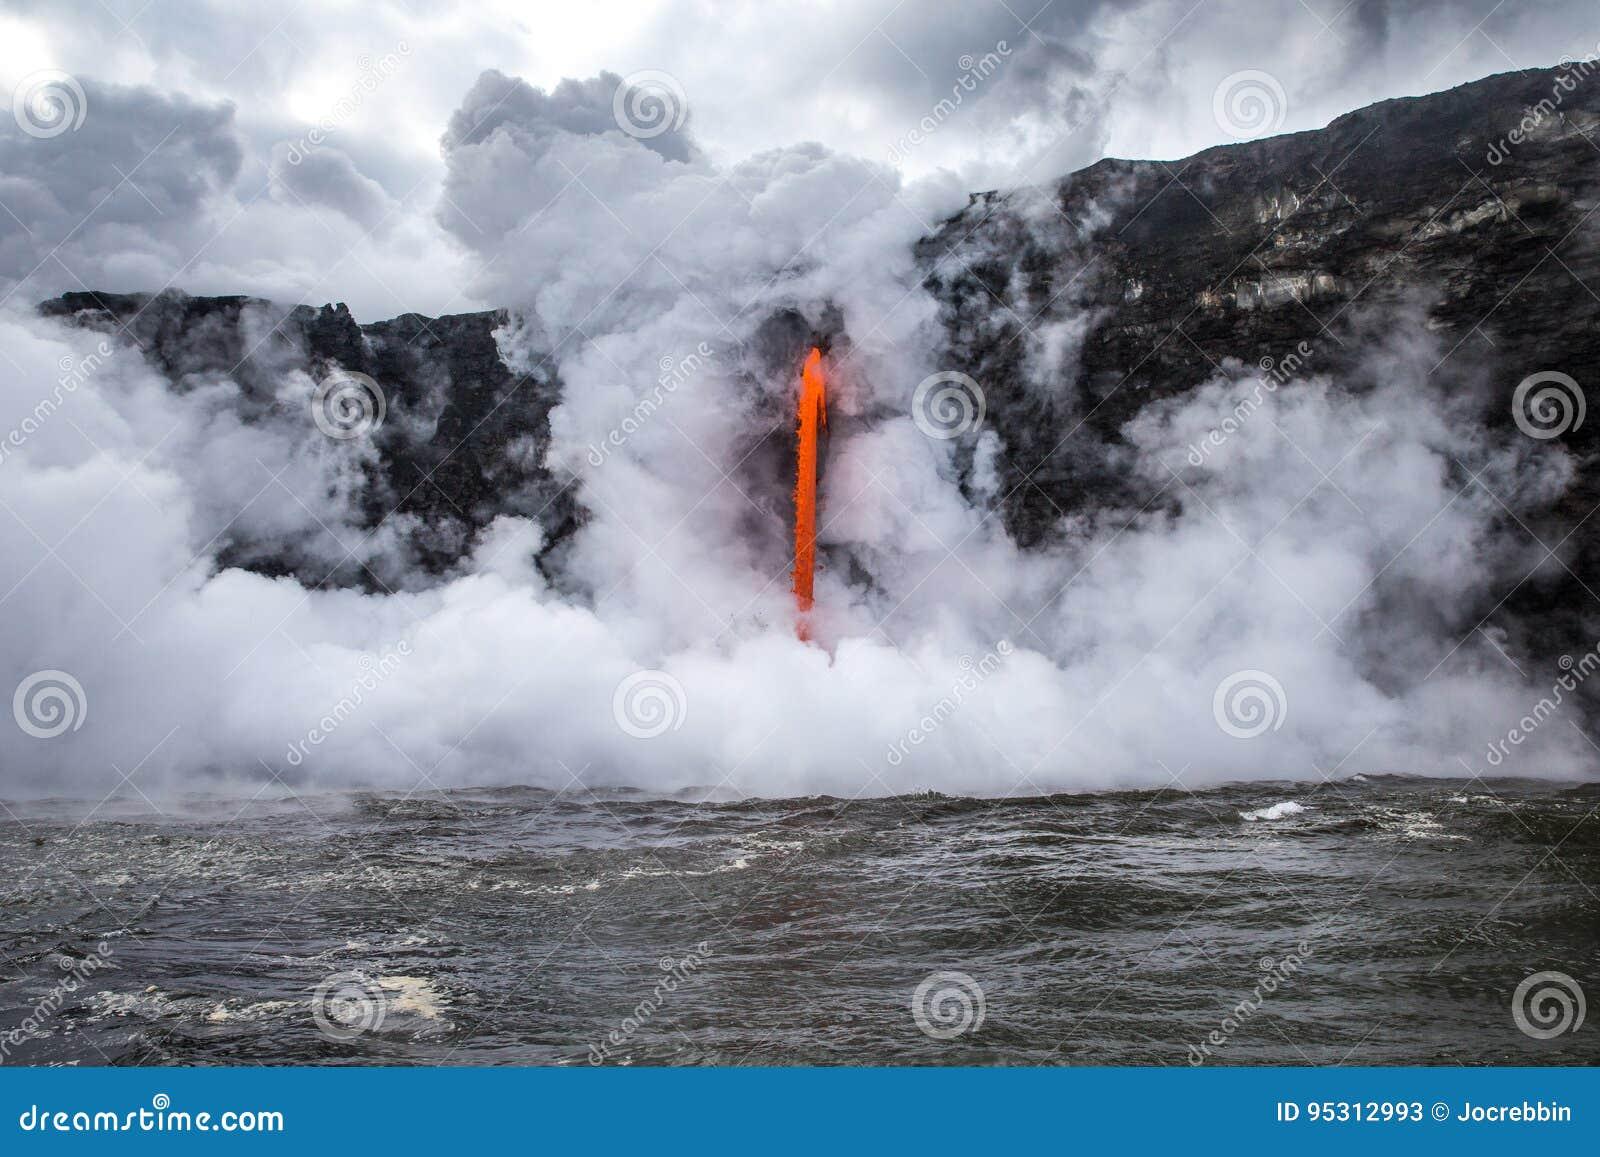 La vapeur éclate de l océan froid pendant que la lave chaude se renverse dans l eau